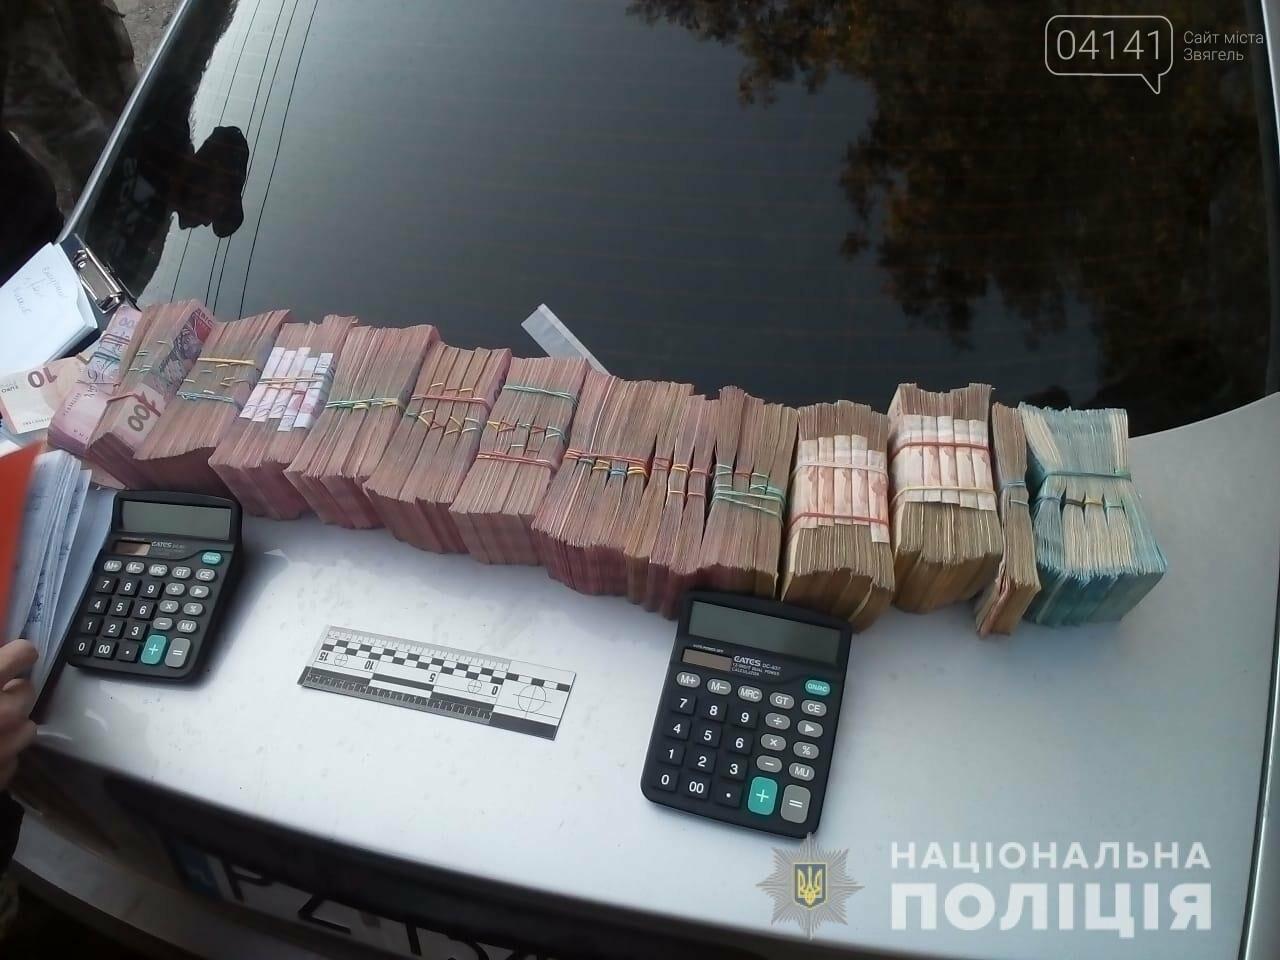 Житомирські поліцейські затримали групу валютних розбійників , фото-2